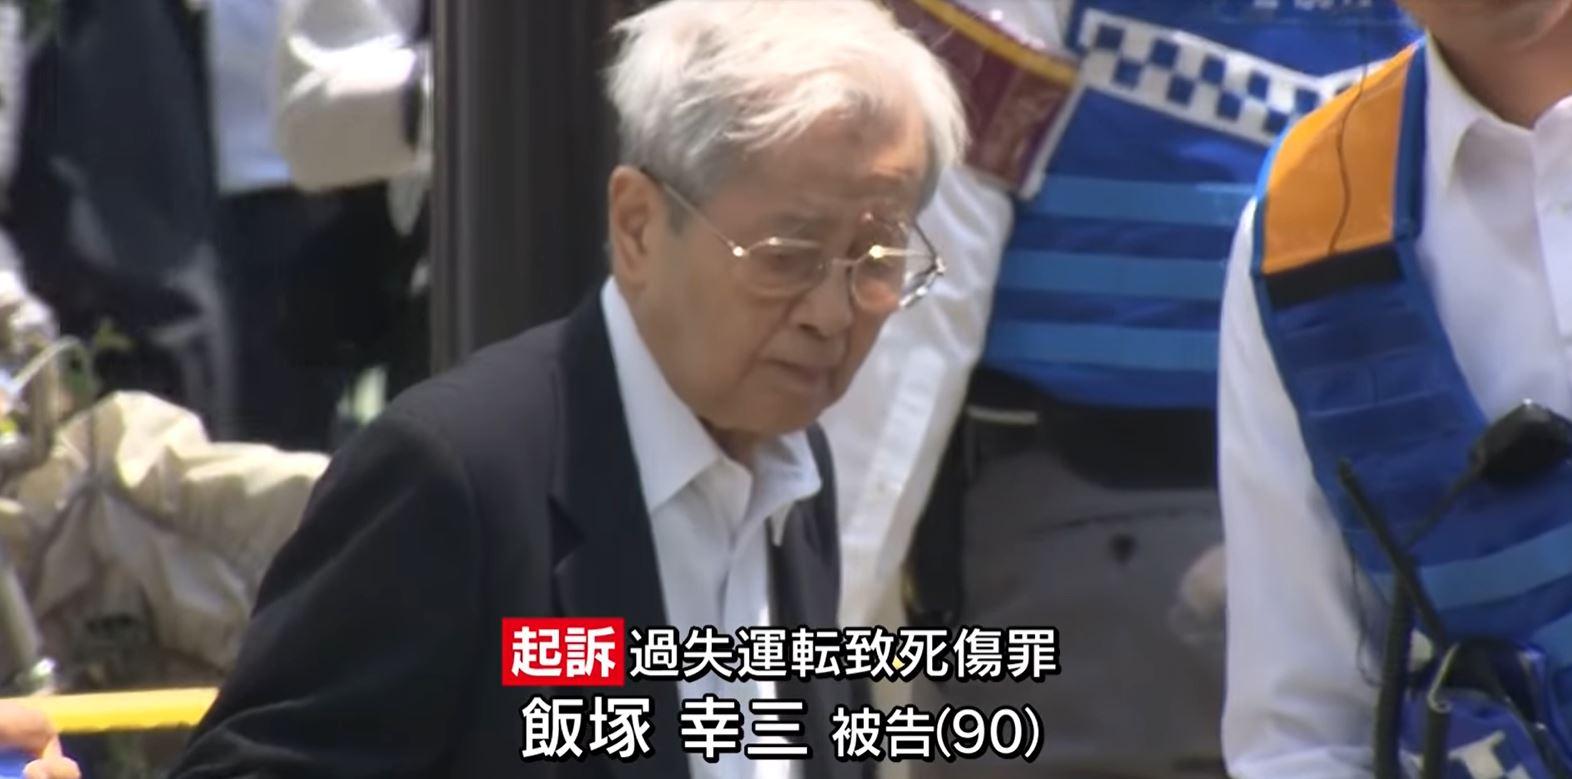 飯塚幸三が起こした事故とは?母子2人を○した男の生涯